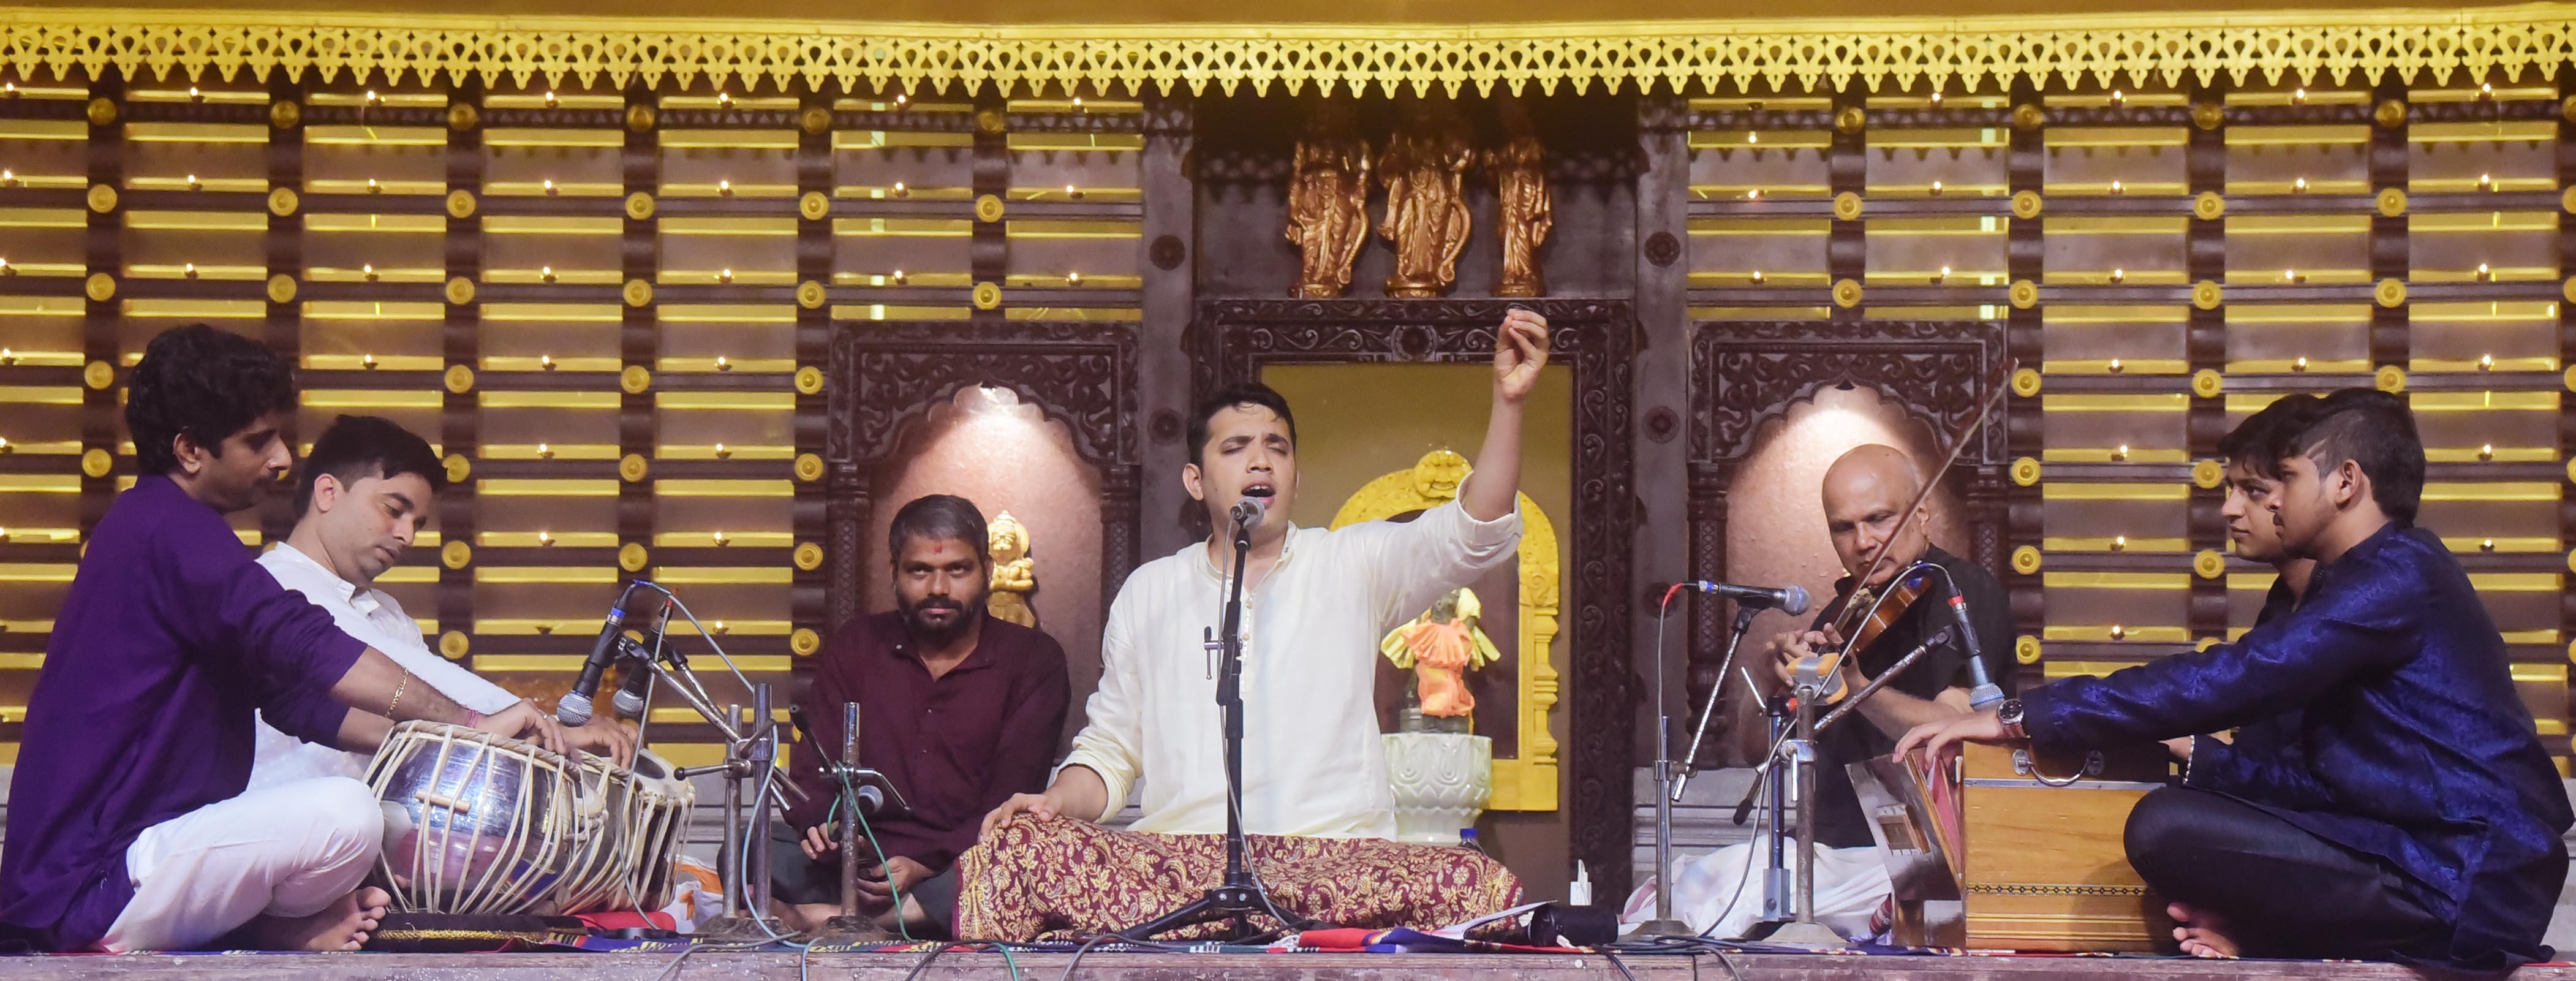 balachandraprabhu-music.jpg